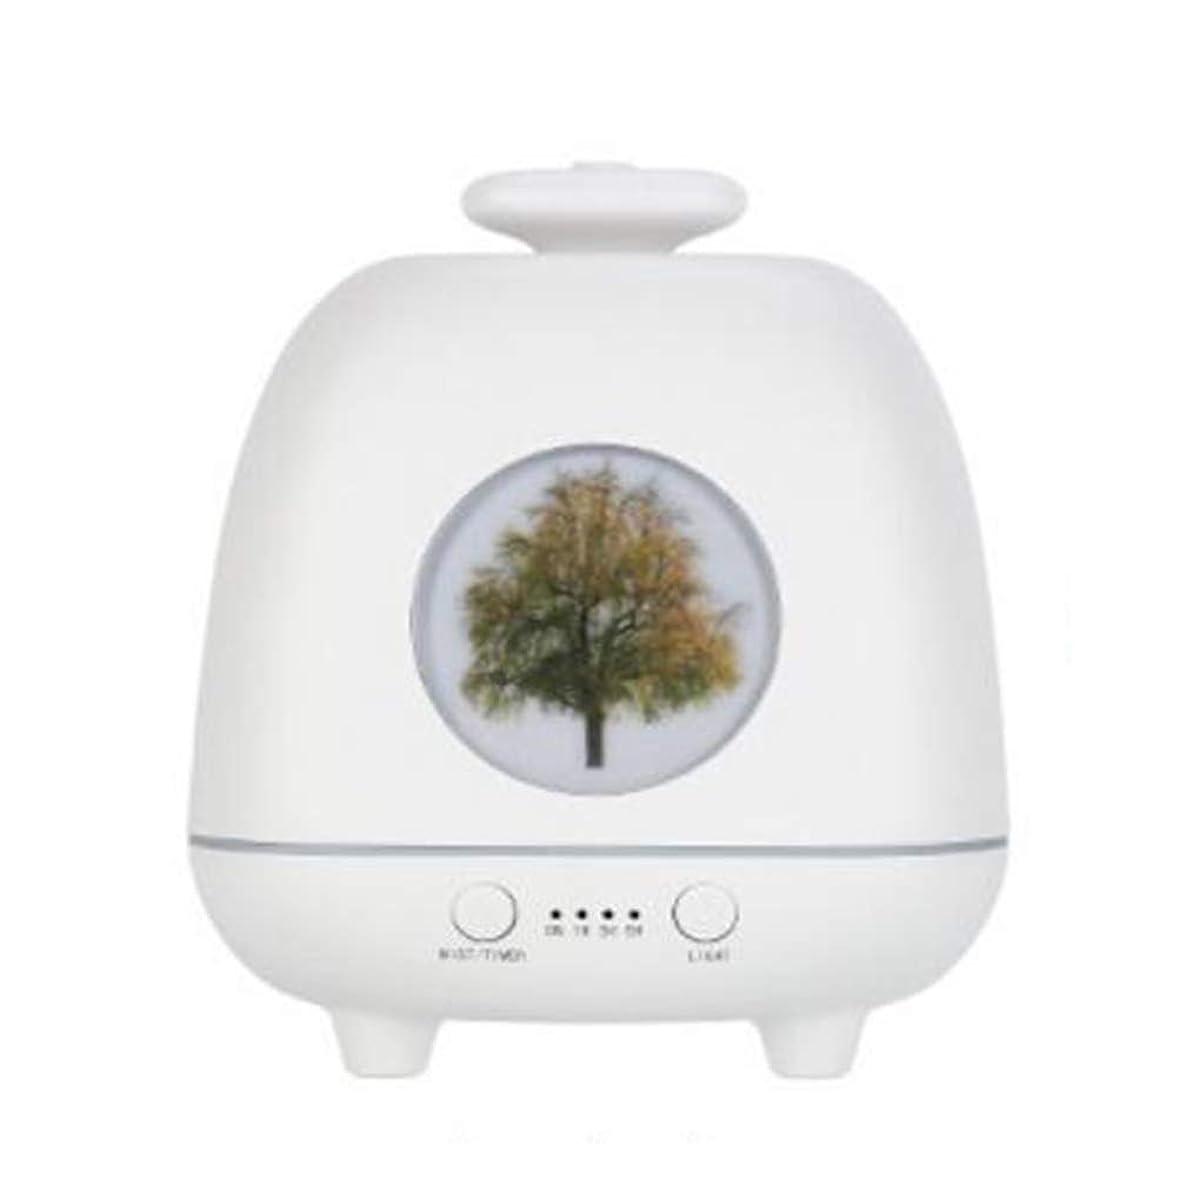 情熱的おとなしい正確涼しい霧 香り 精油 ディフューザー,7 色 空気を浄化 4穴ノズル 加湿器 時間 加湿機 ホーム Yoga デスク オフィス ベッド- 230ml